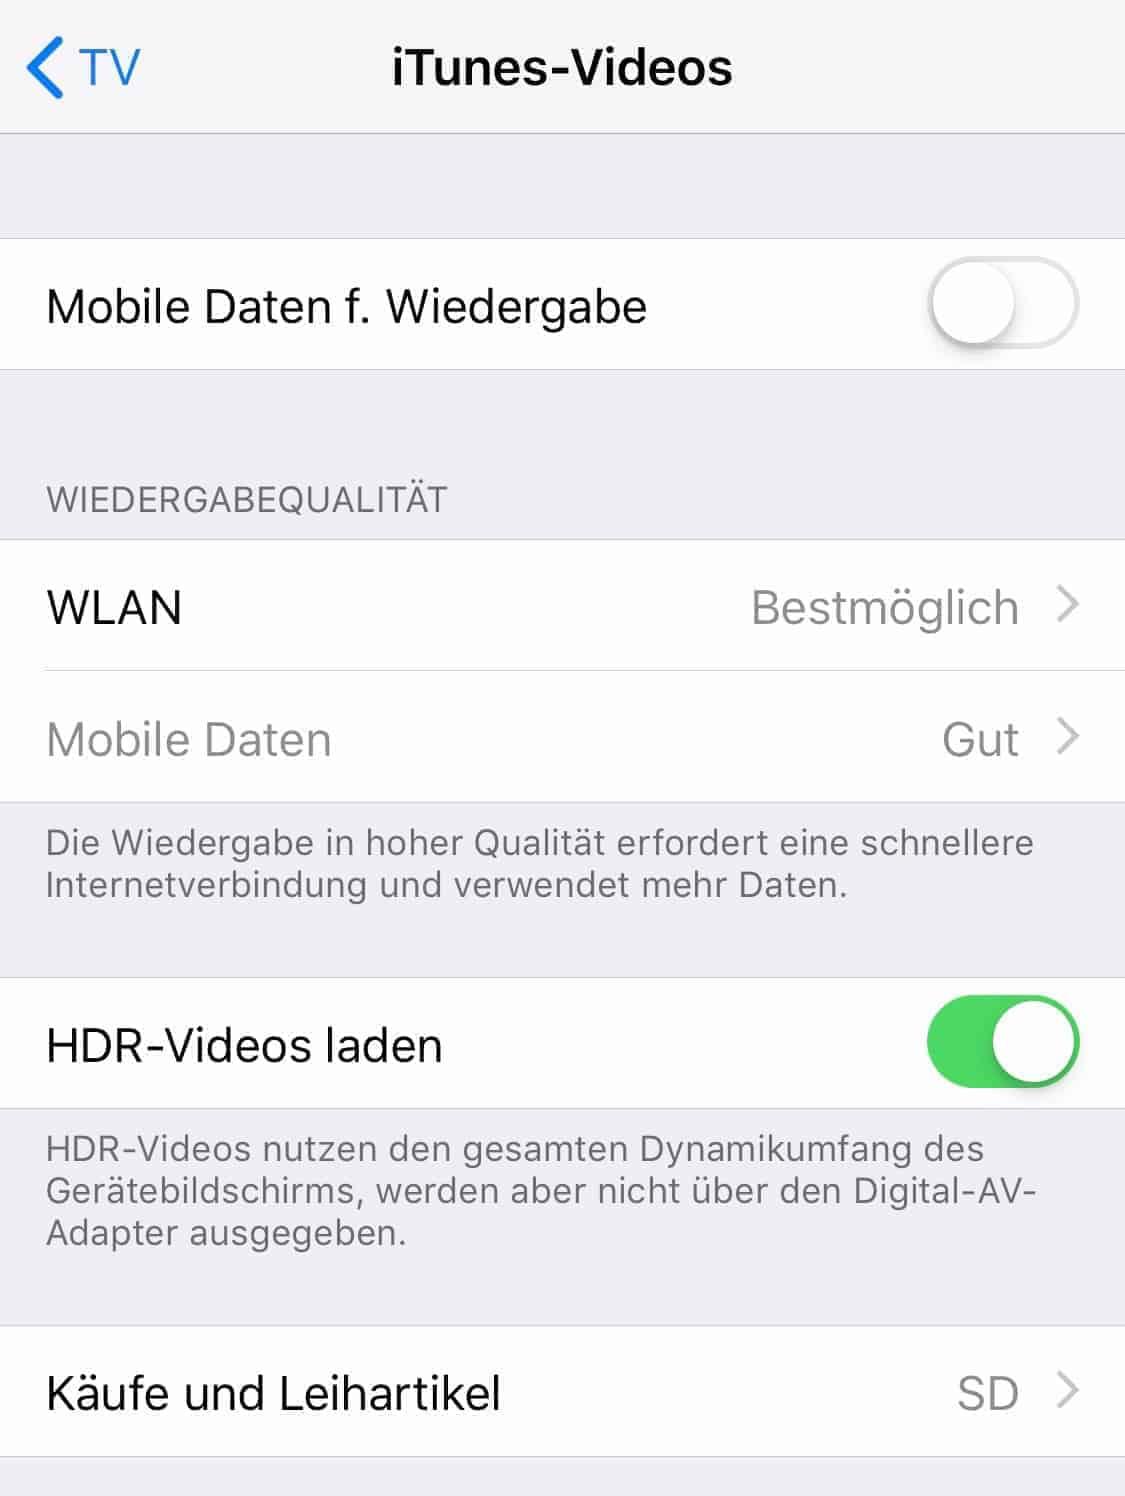 Roaming_iOS_iTunes-Videos_Mobile_Daten_Wiedergabe_und_Mobile_Daten